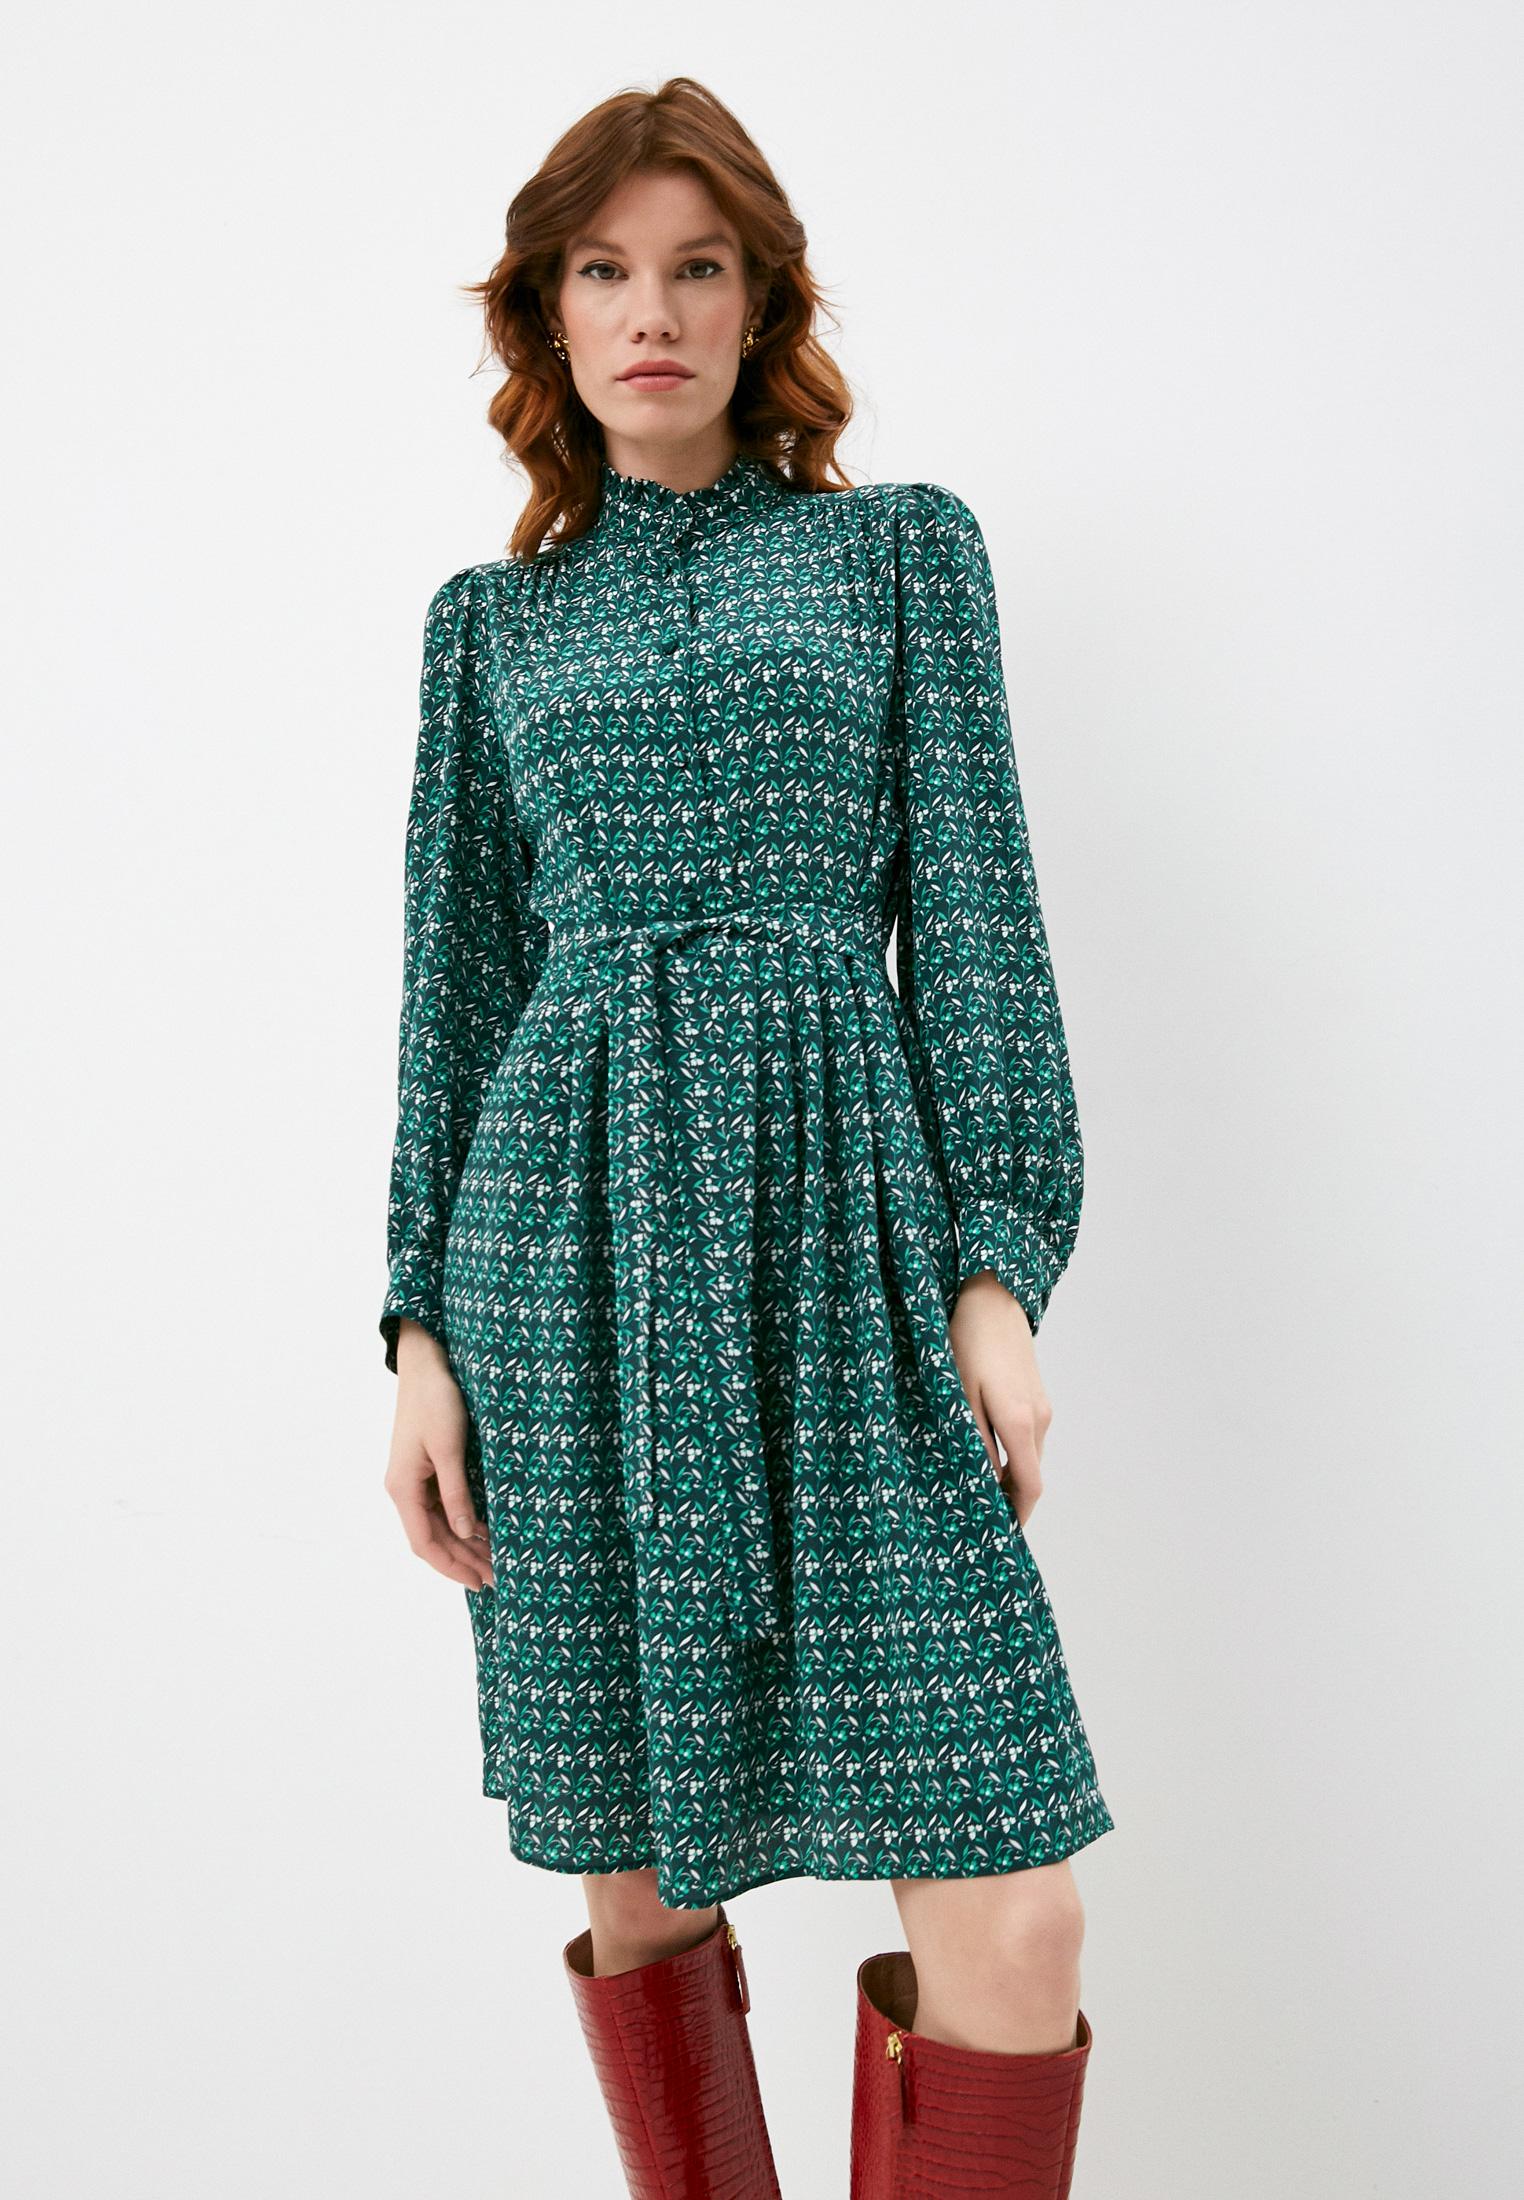 Повседневное платье Weekend Max Mara 52210517600